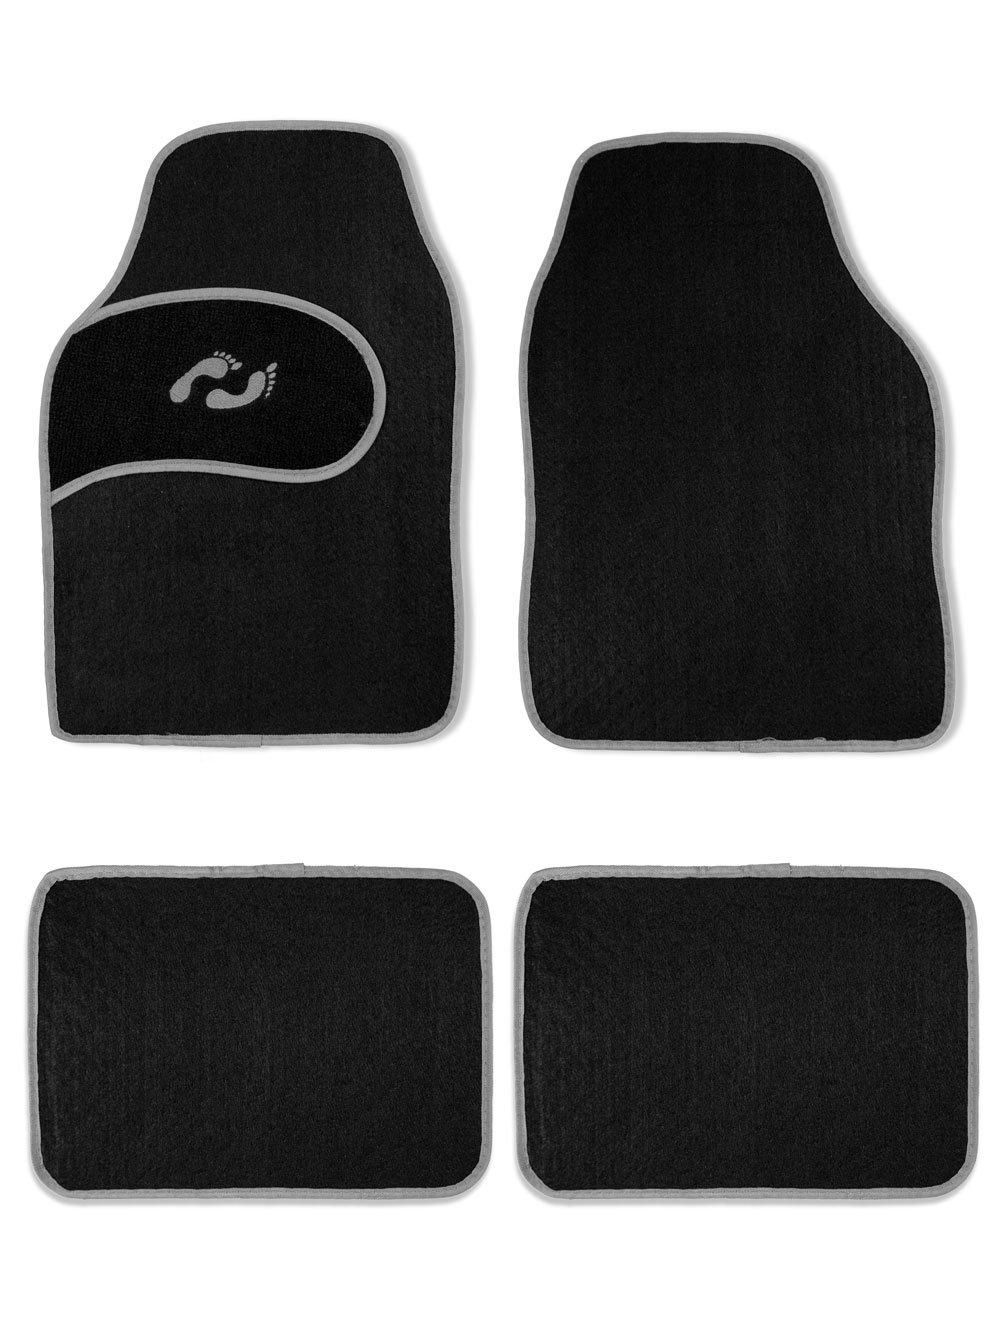 Vetrineinrete® Tappetini per auto universali moquette con base antiscivolo 4 pezzi anteriori e posteriori tappeti per automobile 80050 (Bordo grigio) G63 Vetrineinrete®